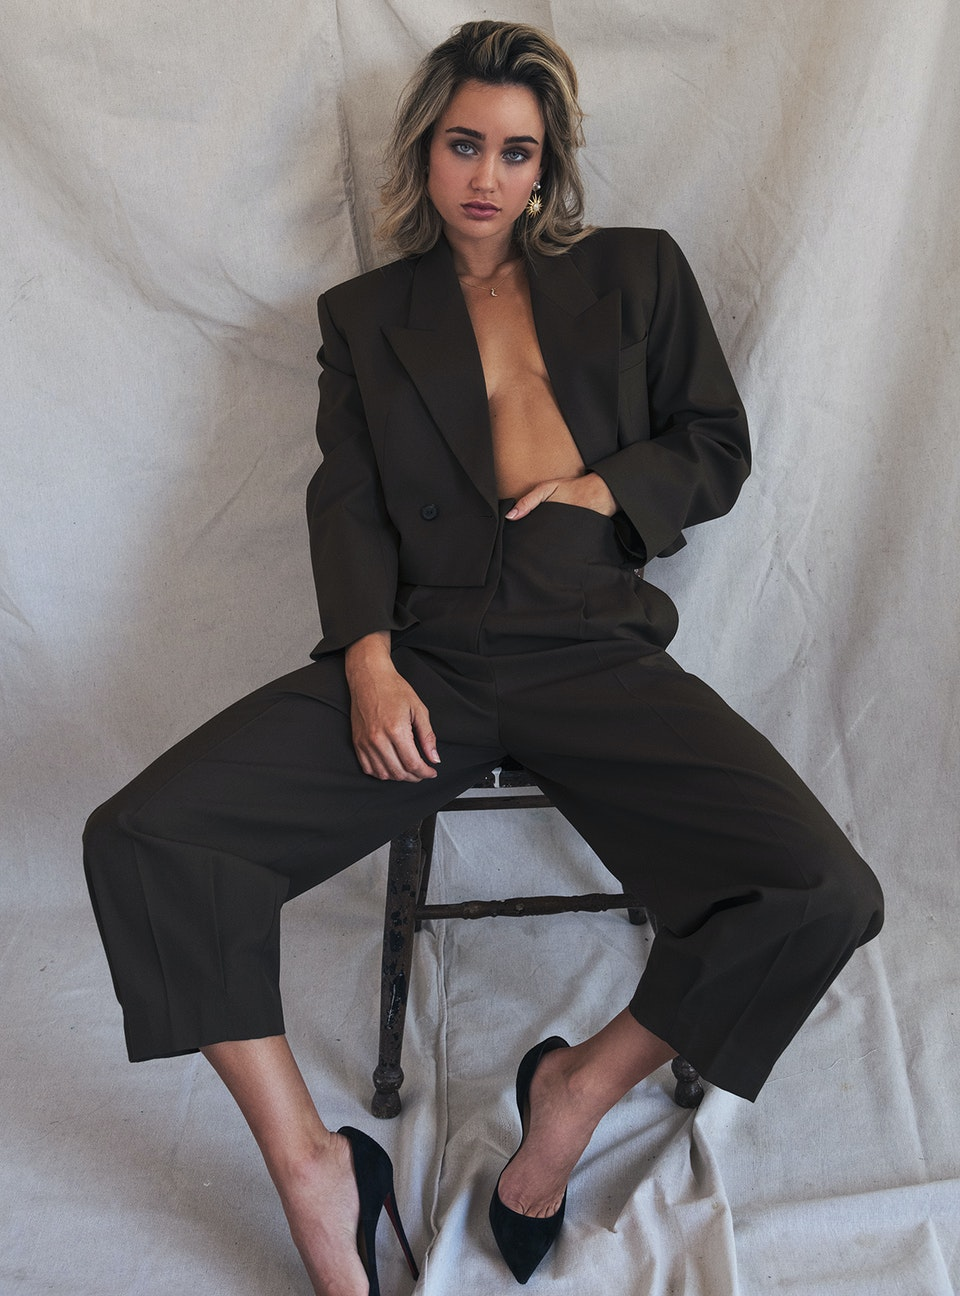 Melanie for Fashion Editorials